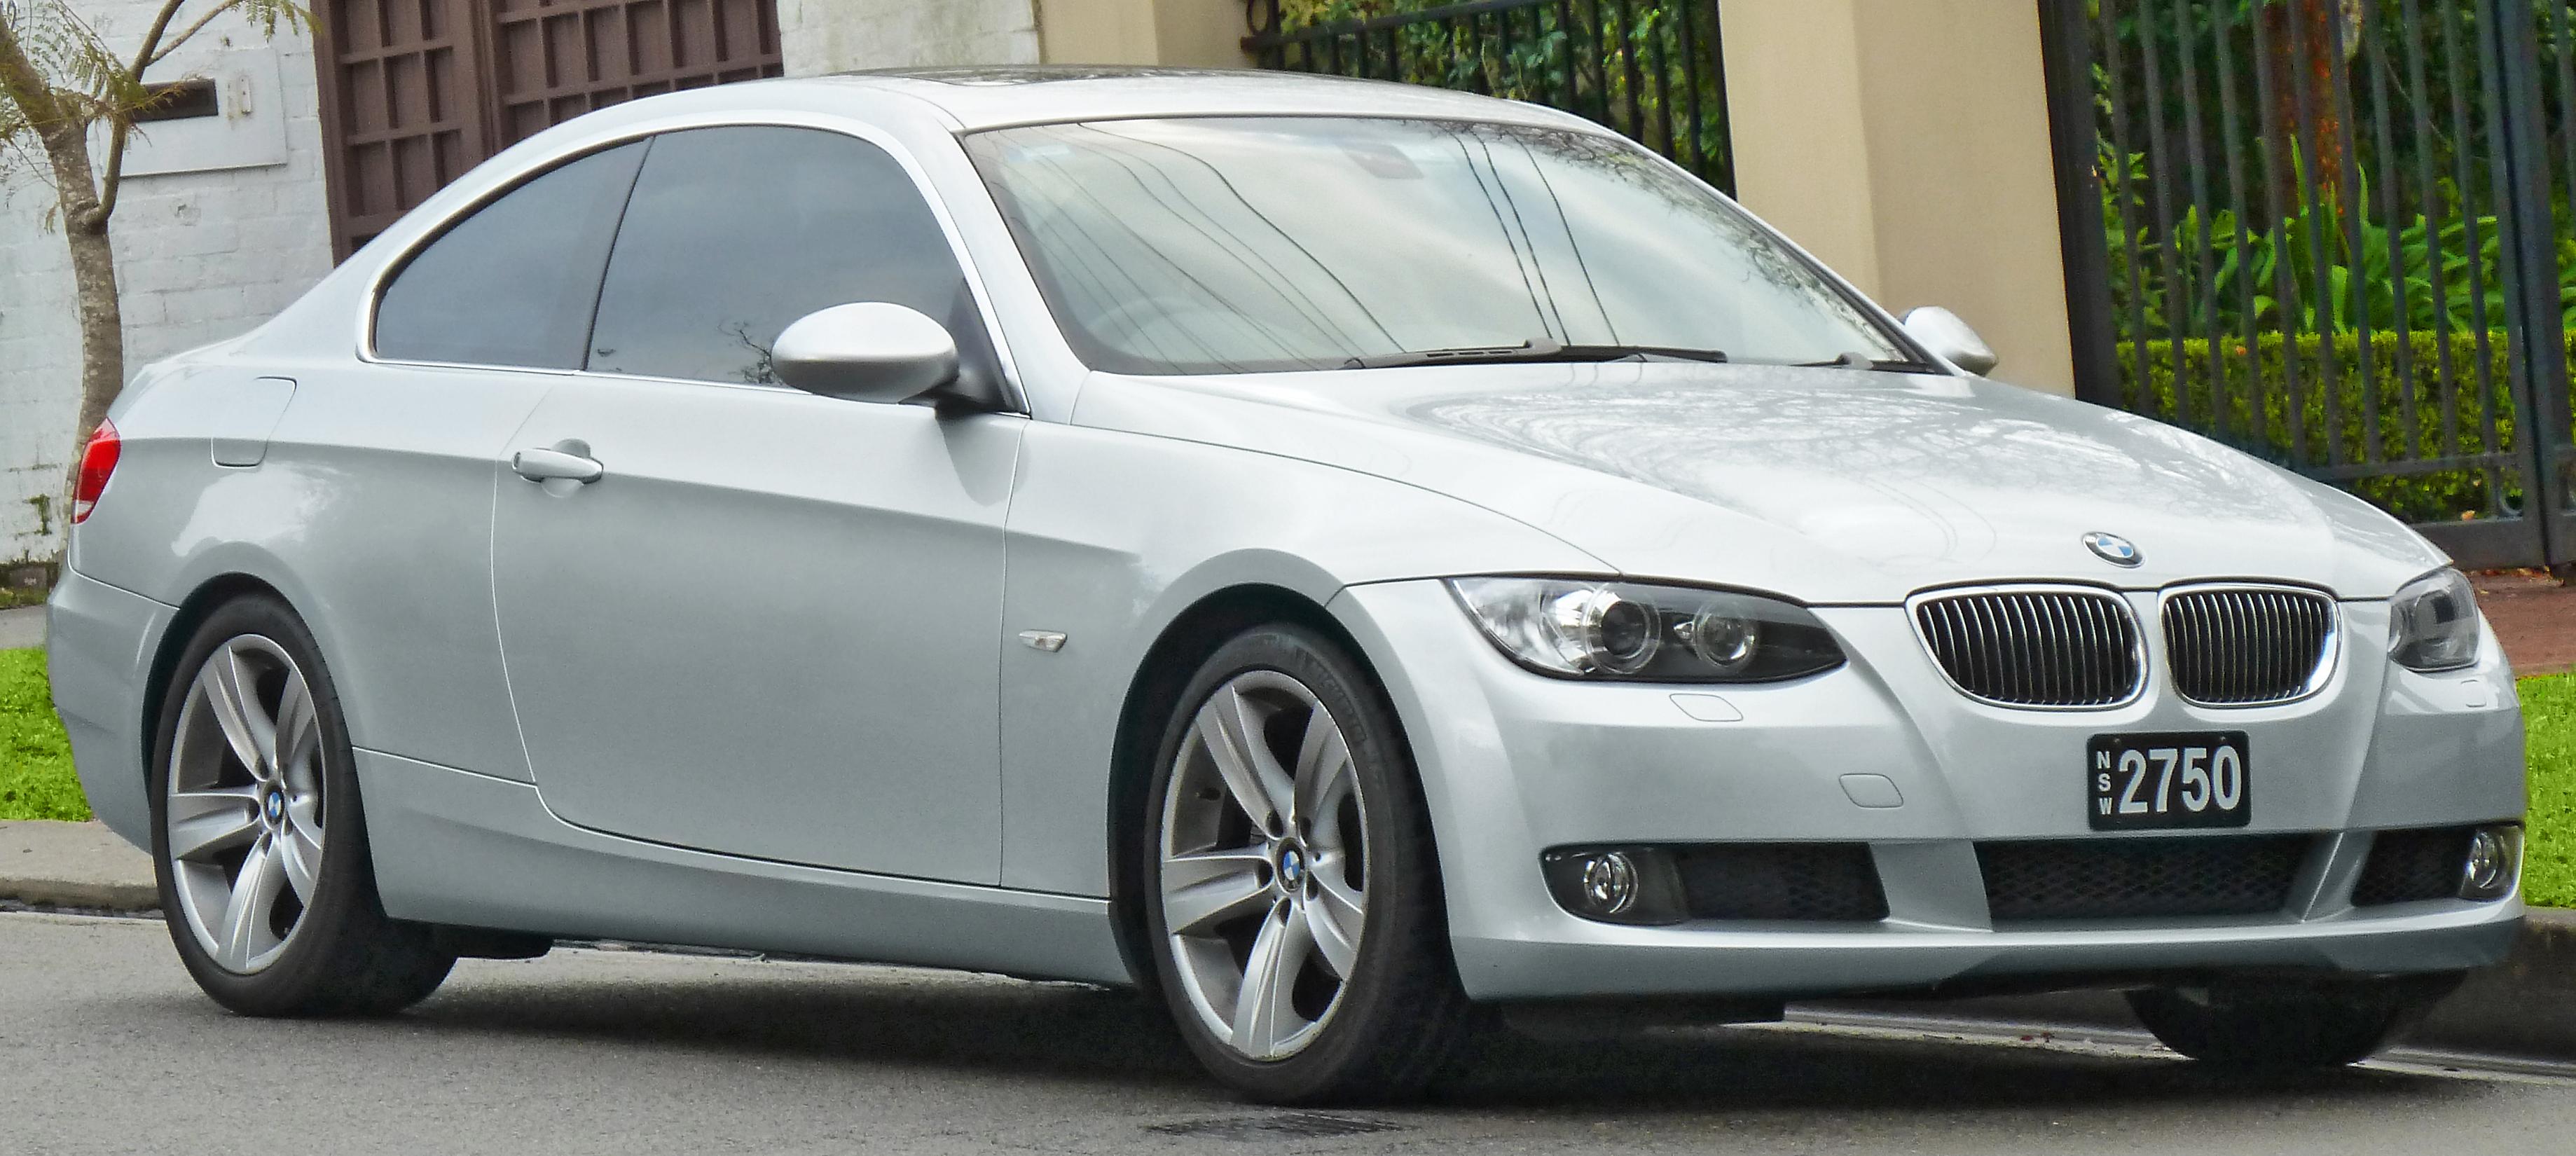 file:2006-2010 bmw 325i (e92) coupe (2011-07-17) 01